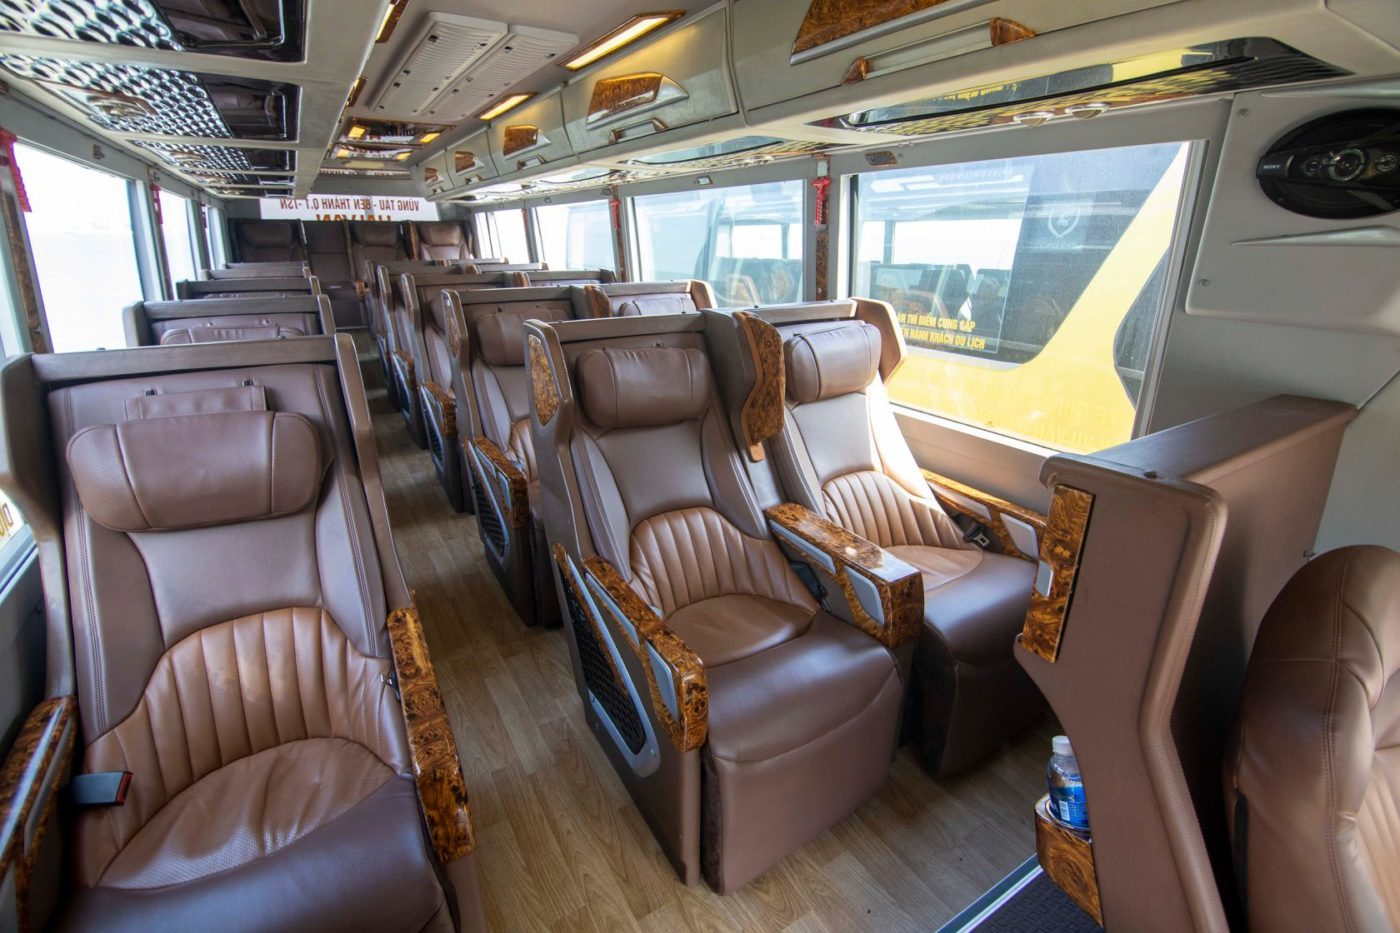 Hãng Xe Pumkin limousine 18 chỗ - Toàn bộ ghế ngồi bọc da cao cấp, không gian xe sang trọng